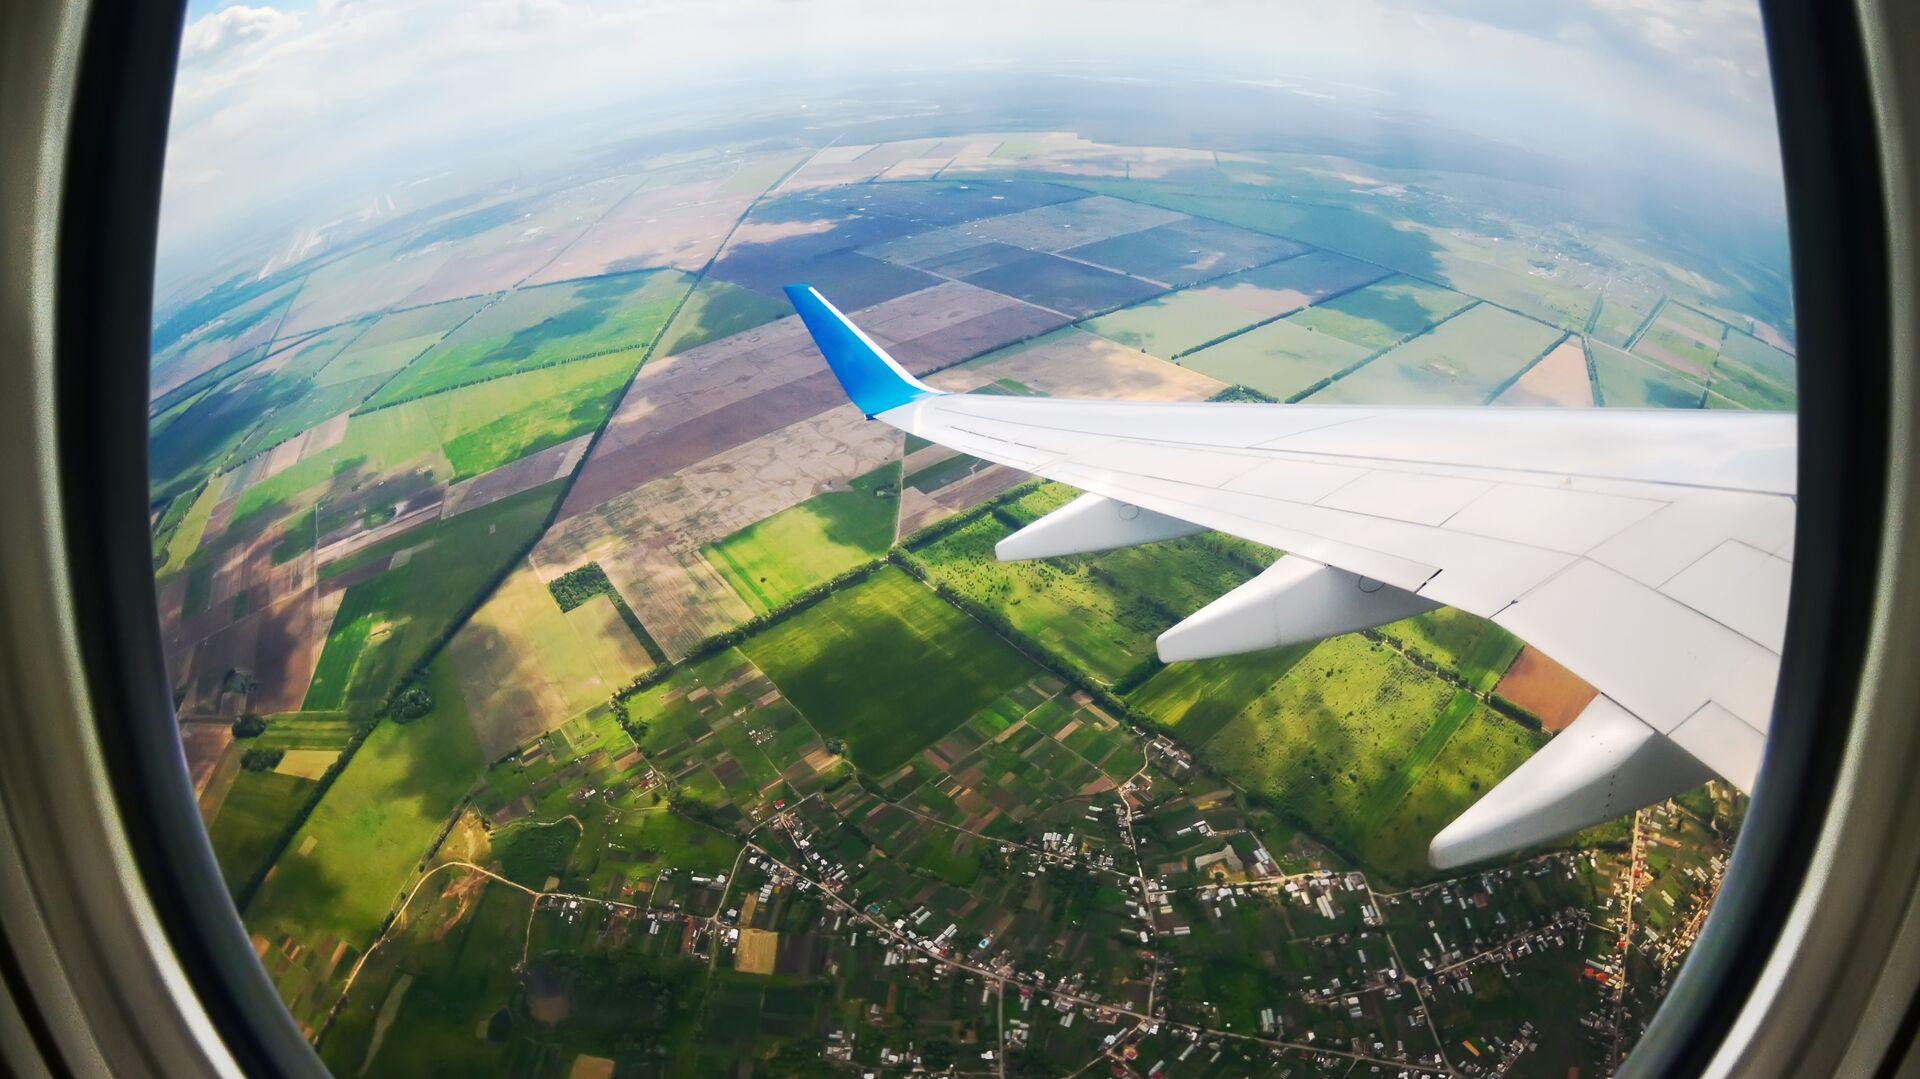 Вид через иллюминатор самолета - РИА Новости, 1920, 06.04.2021